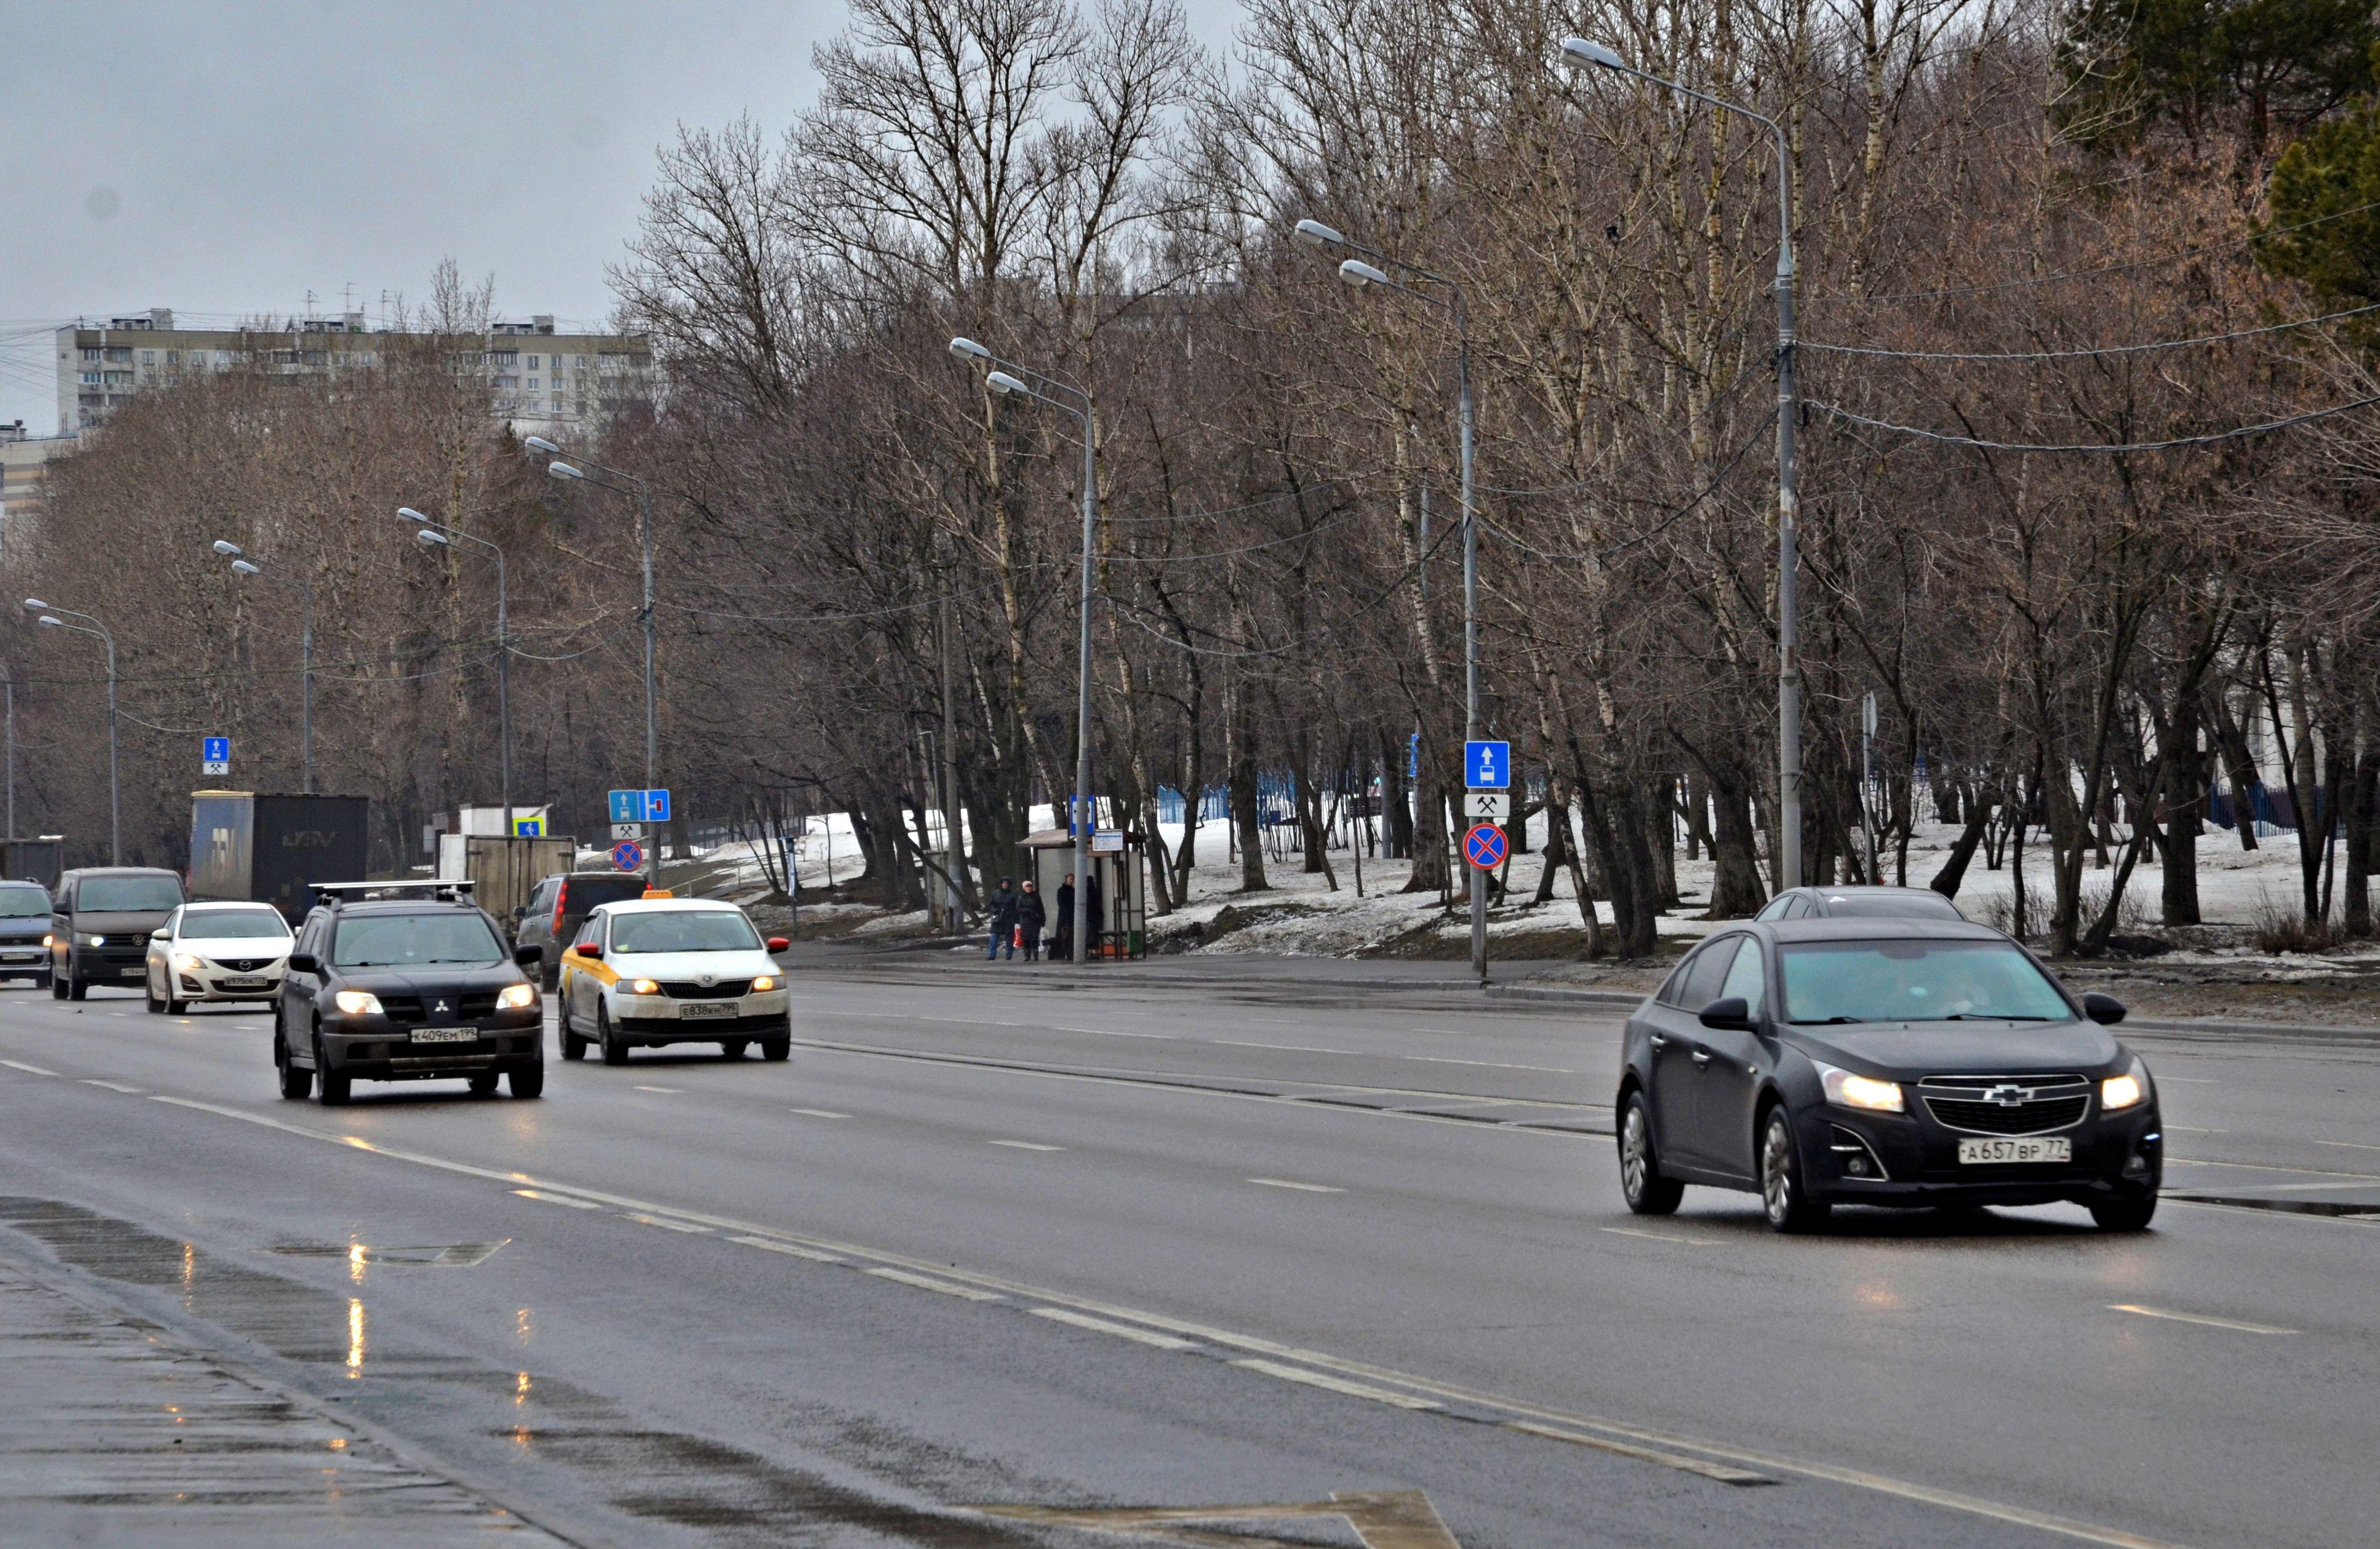 Более 170 километров трасс проложили в Новой Москве с 2012 года. Фото: Анна Быкова